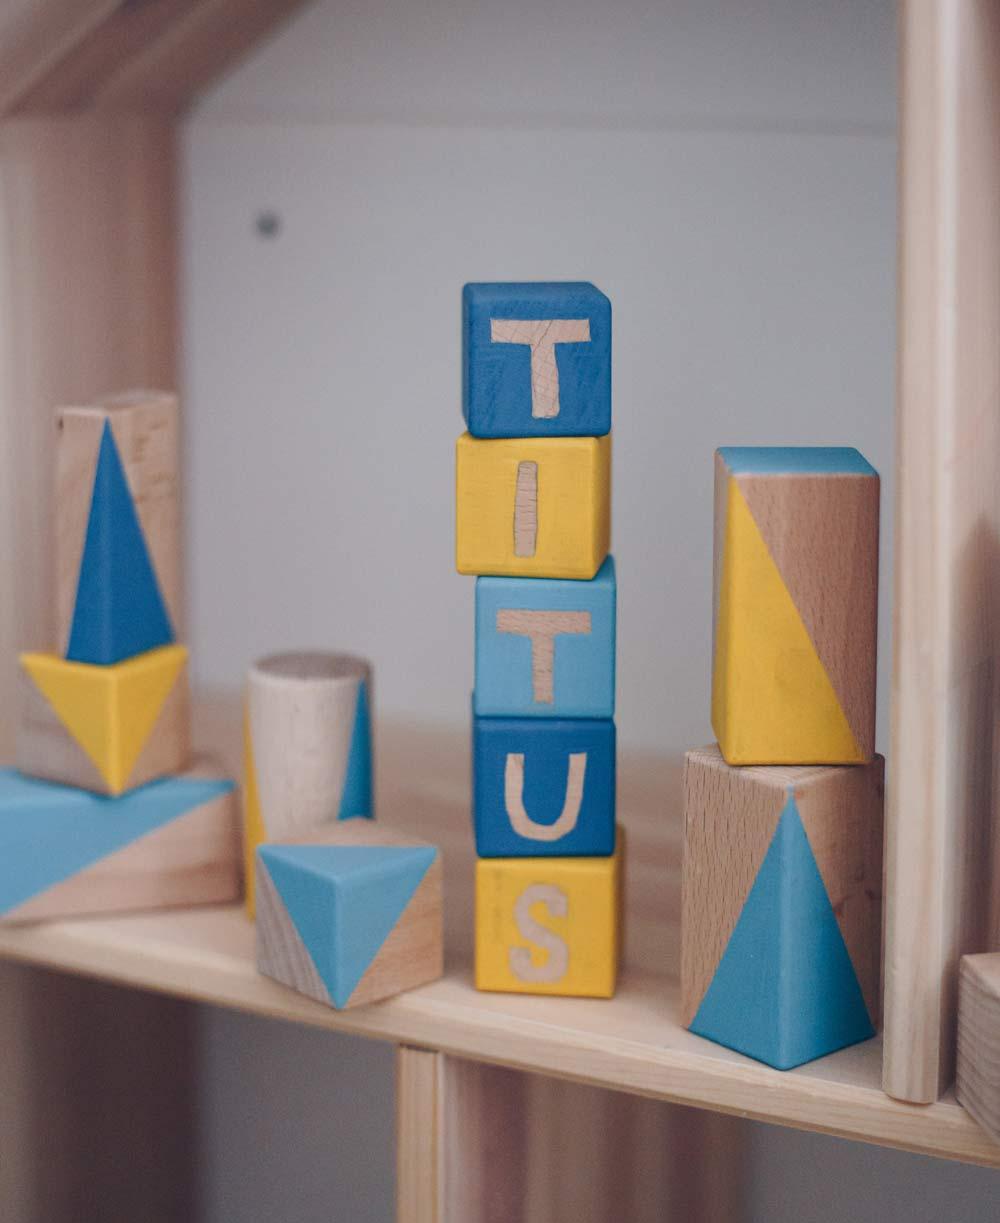 DIY Bauklötze Set mit Namen selbermachen - Geschenkidee zur Geburt